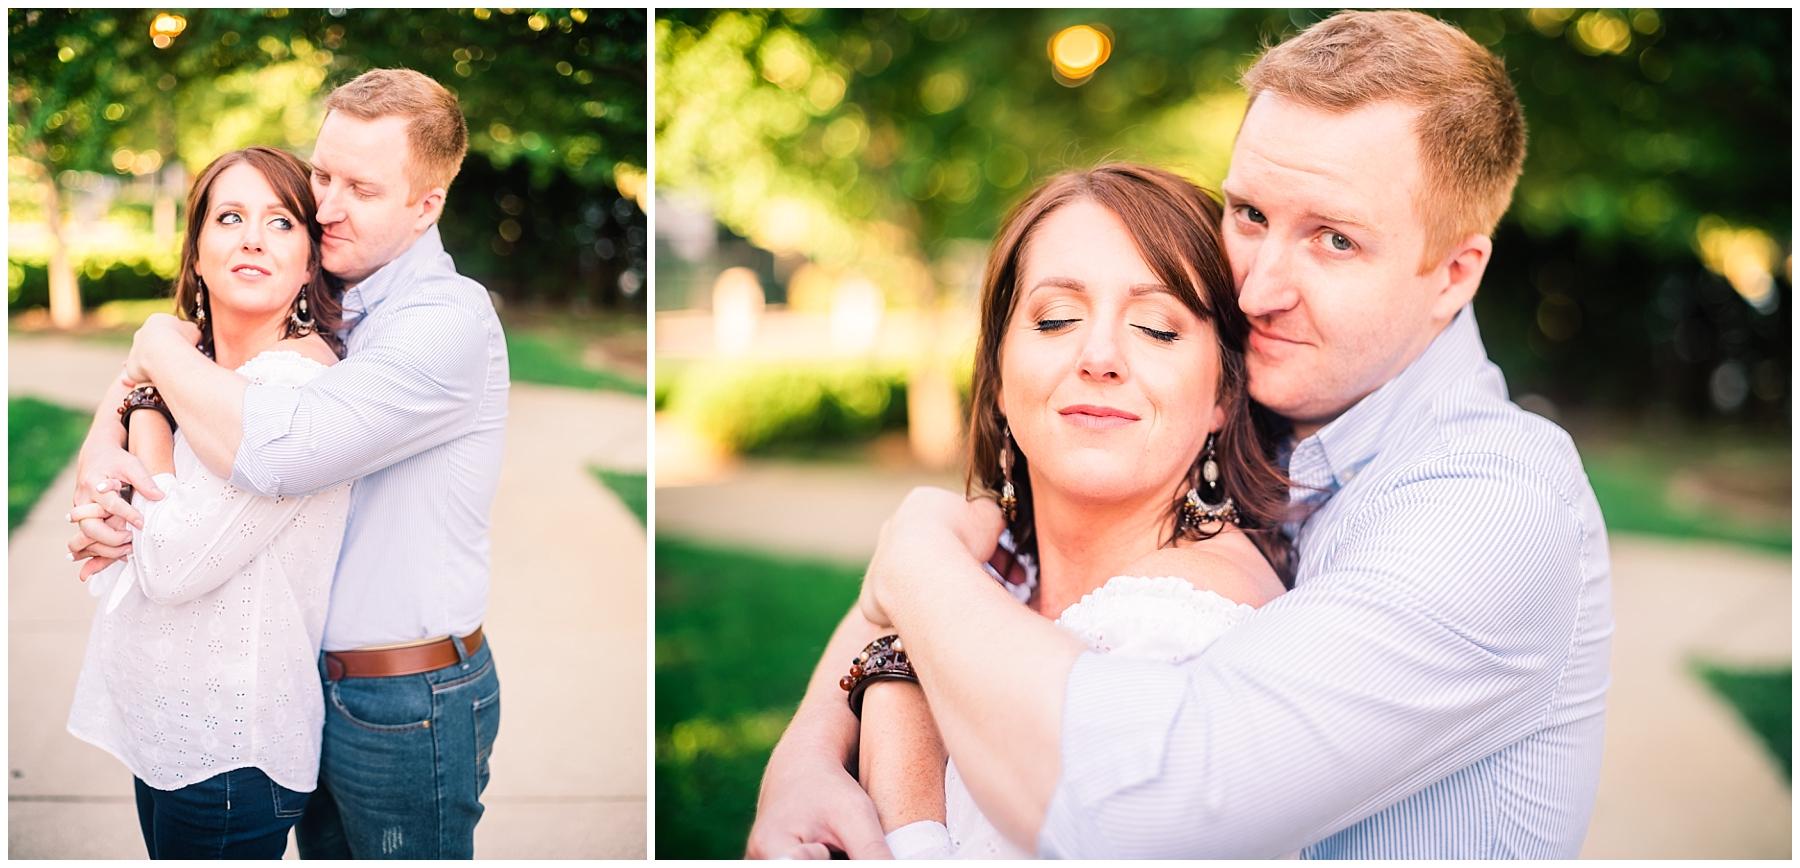 west lafayette indiana engagement wedding photographer purdue alumni engagement photogrpahy aubry and brandon lafayette, indiana_0200.jpg